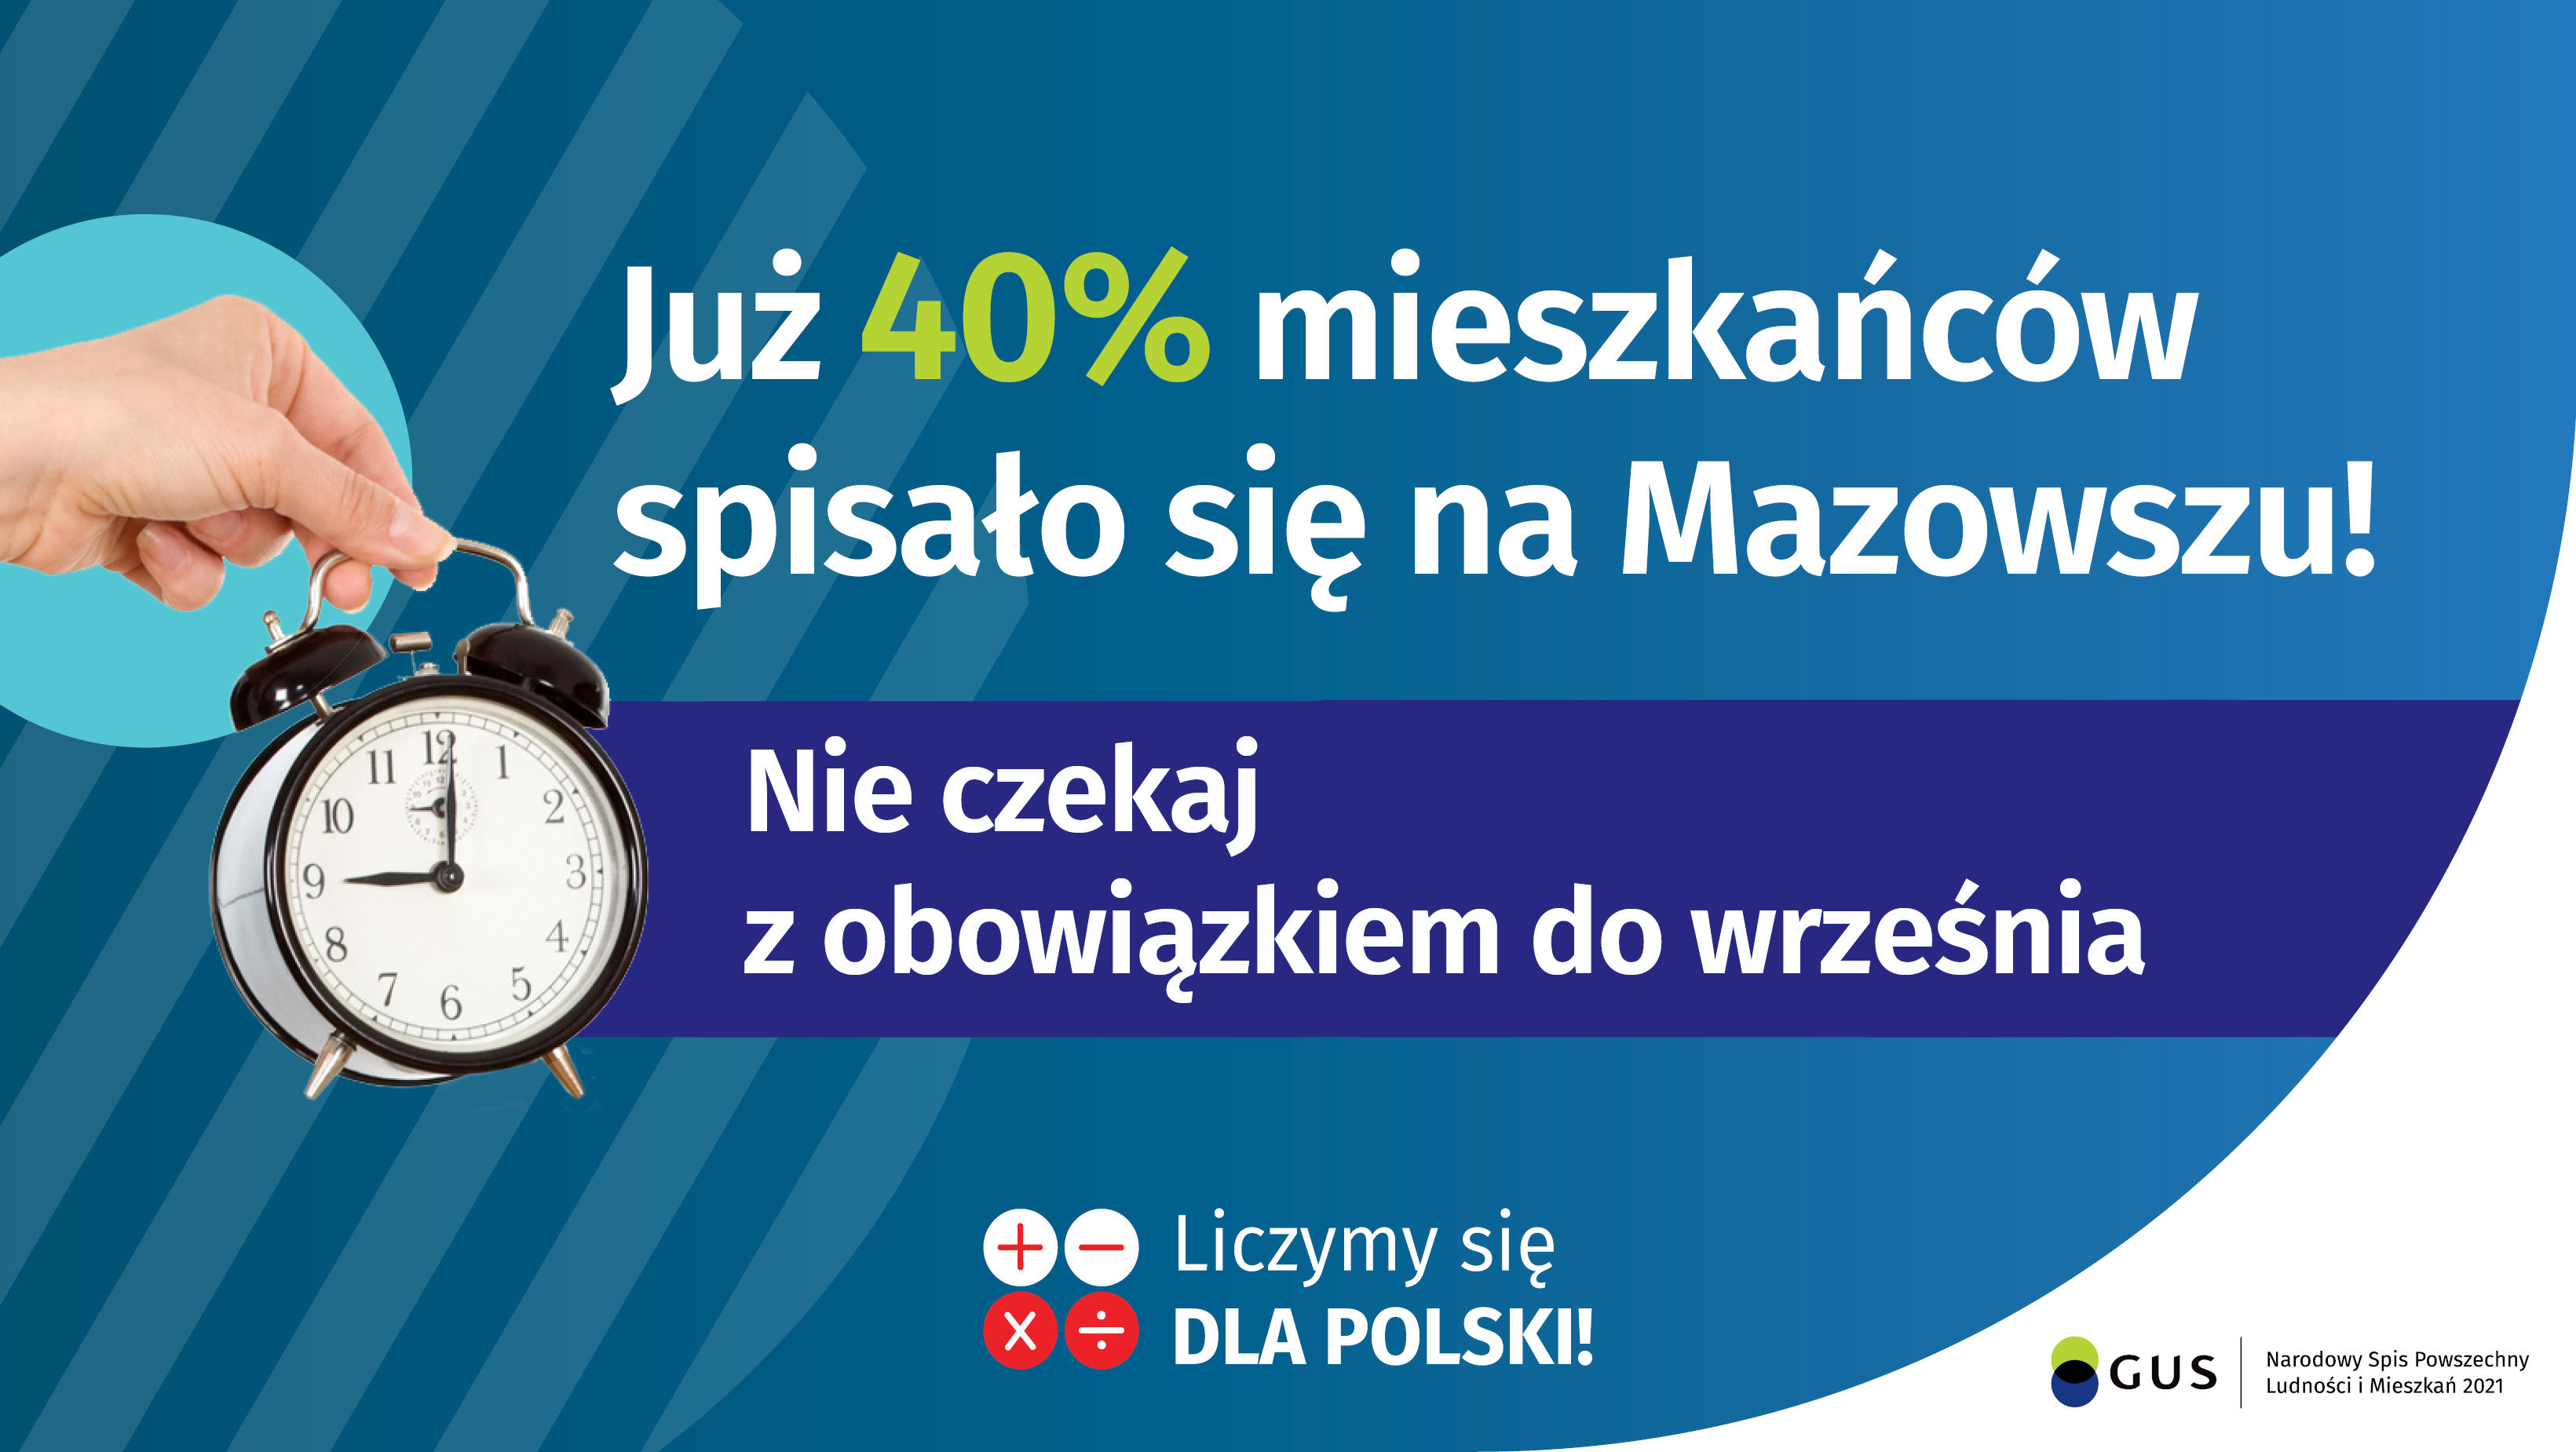 https://redakcja.samorzad.gov.pl/photo/4314e763-54cb-47ff-bbd8-76ba923d4f95